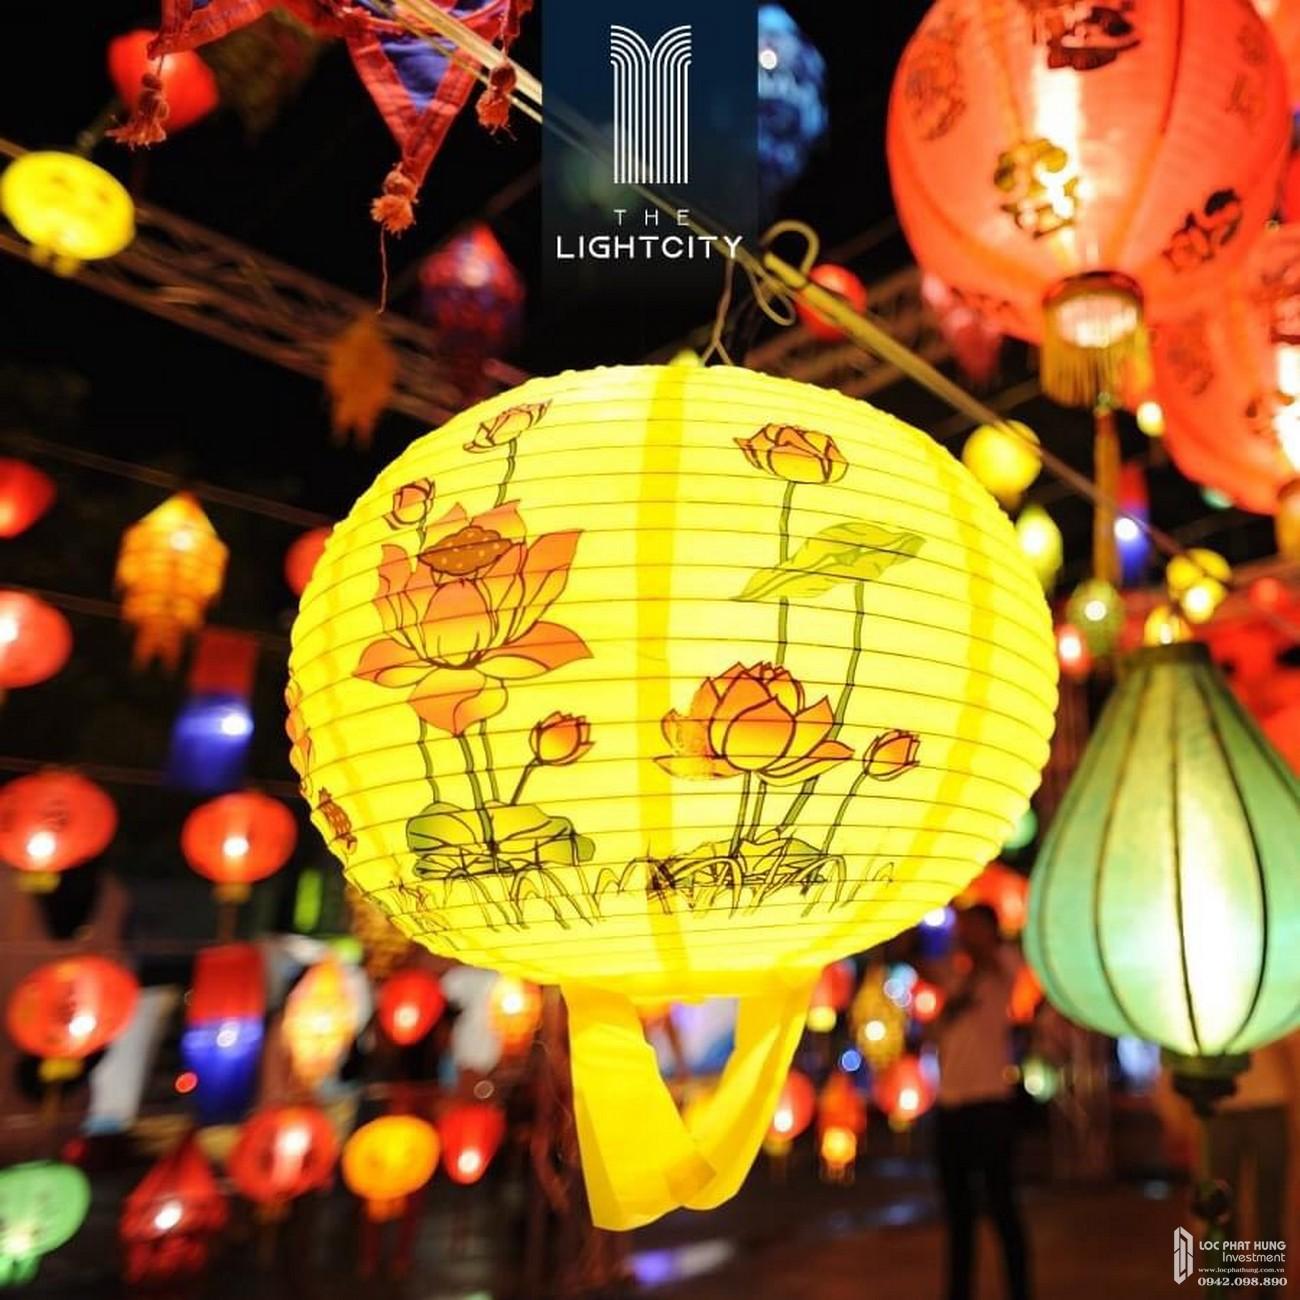 Phố đèn lồng dự án The Light City Đồng Xoài chủ đầu tư Thành Phương